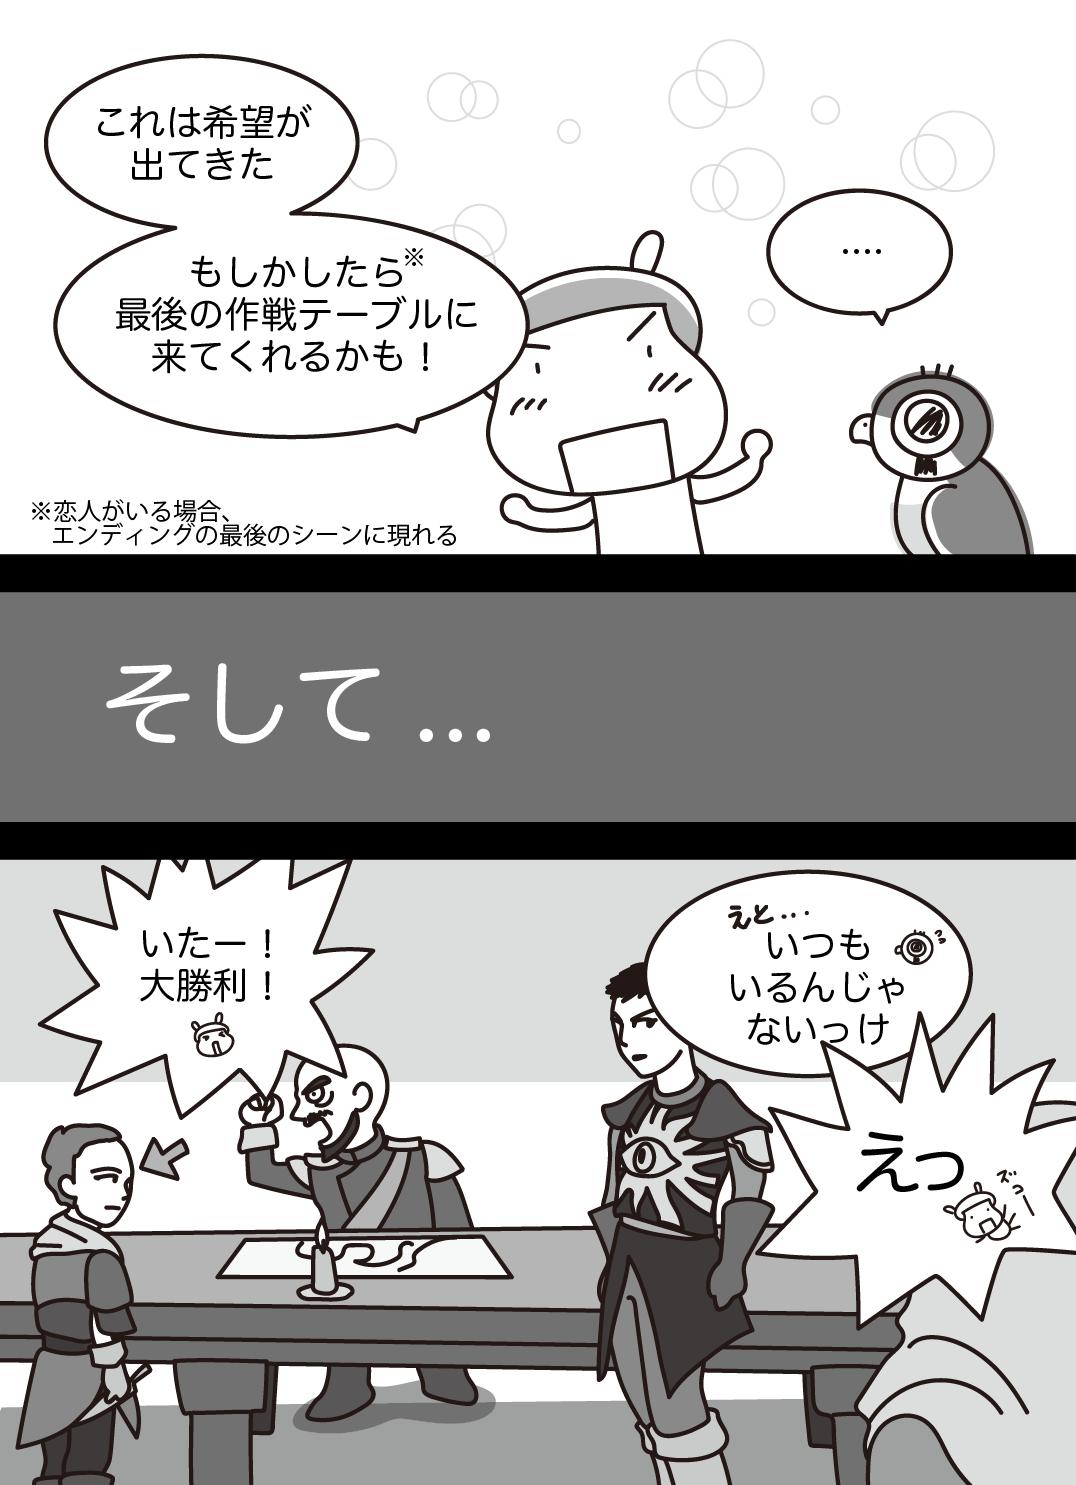 青春のハーディングルート・ドラゴンエイジ:インクイジション漫画7